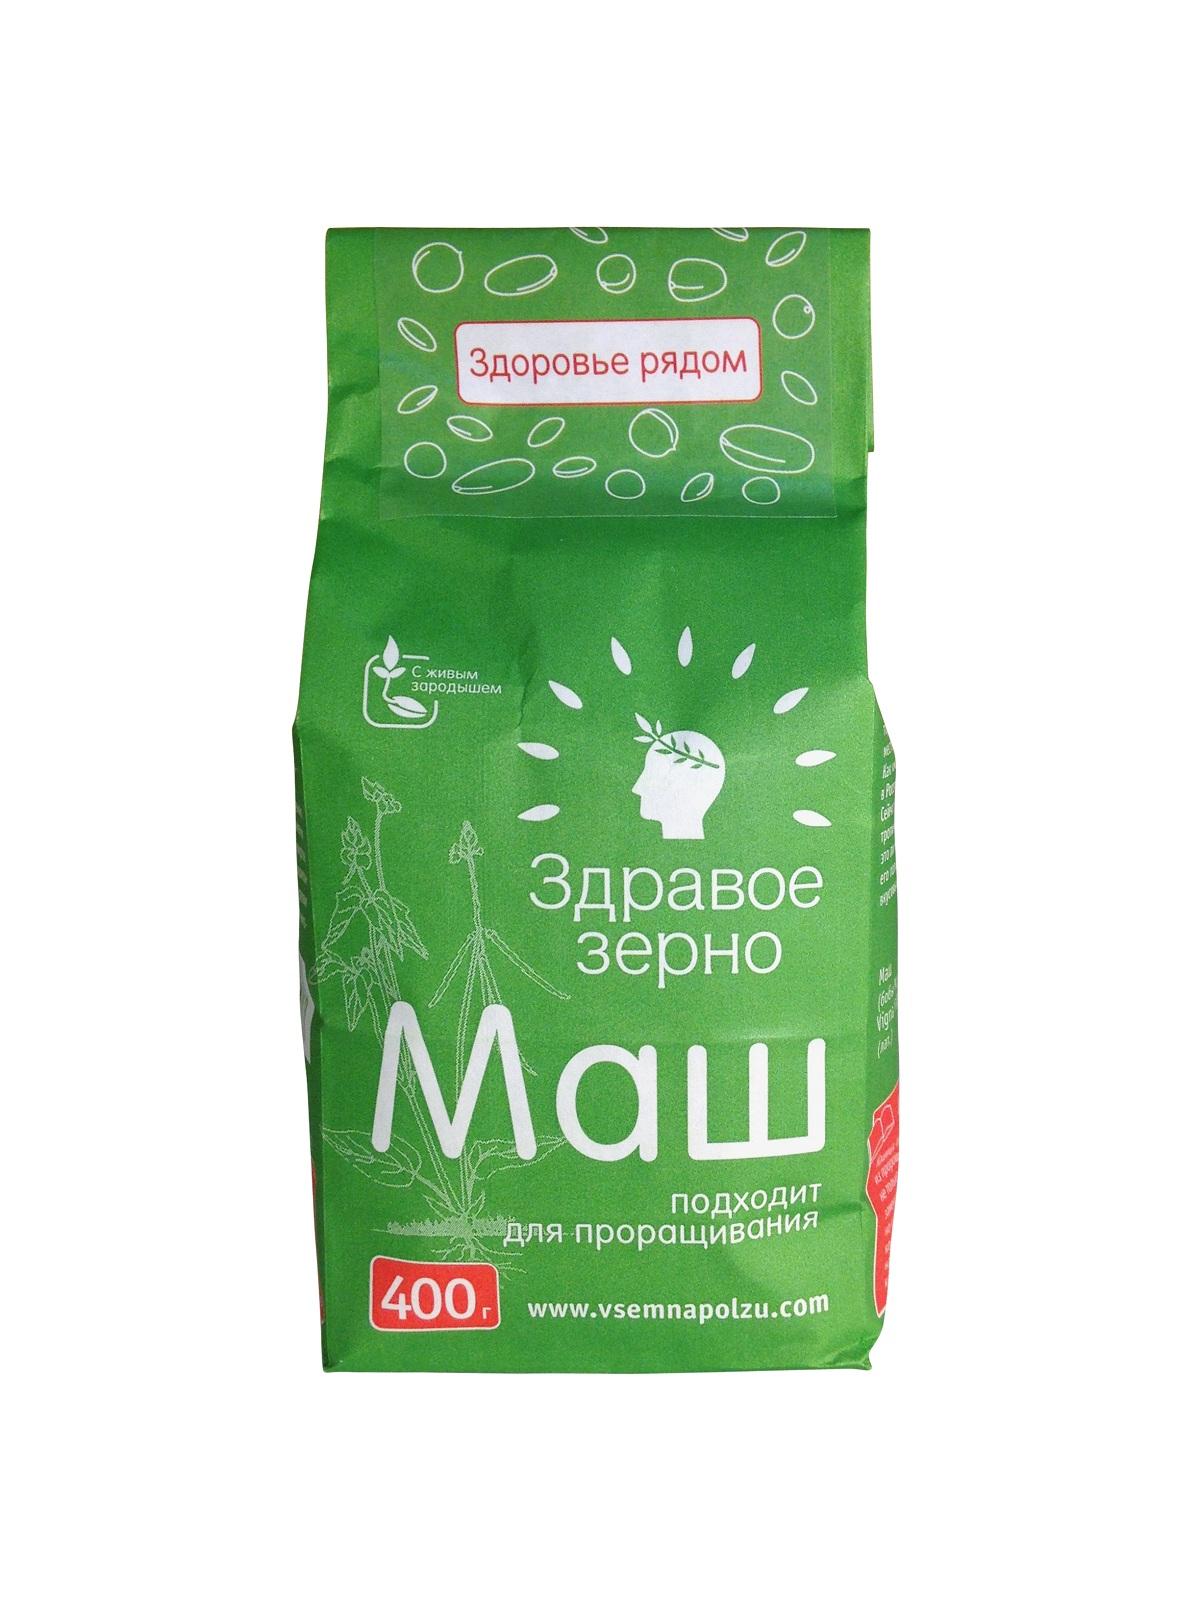 Маш Здравое зерно, 400г